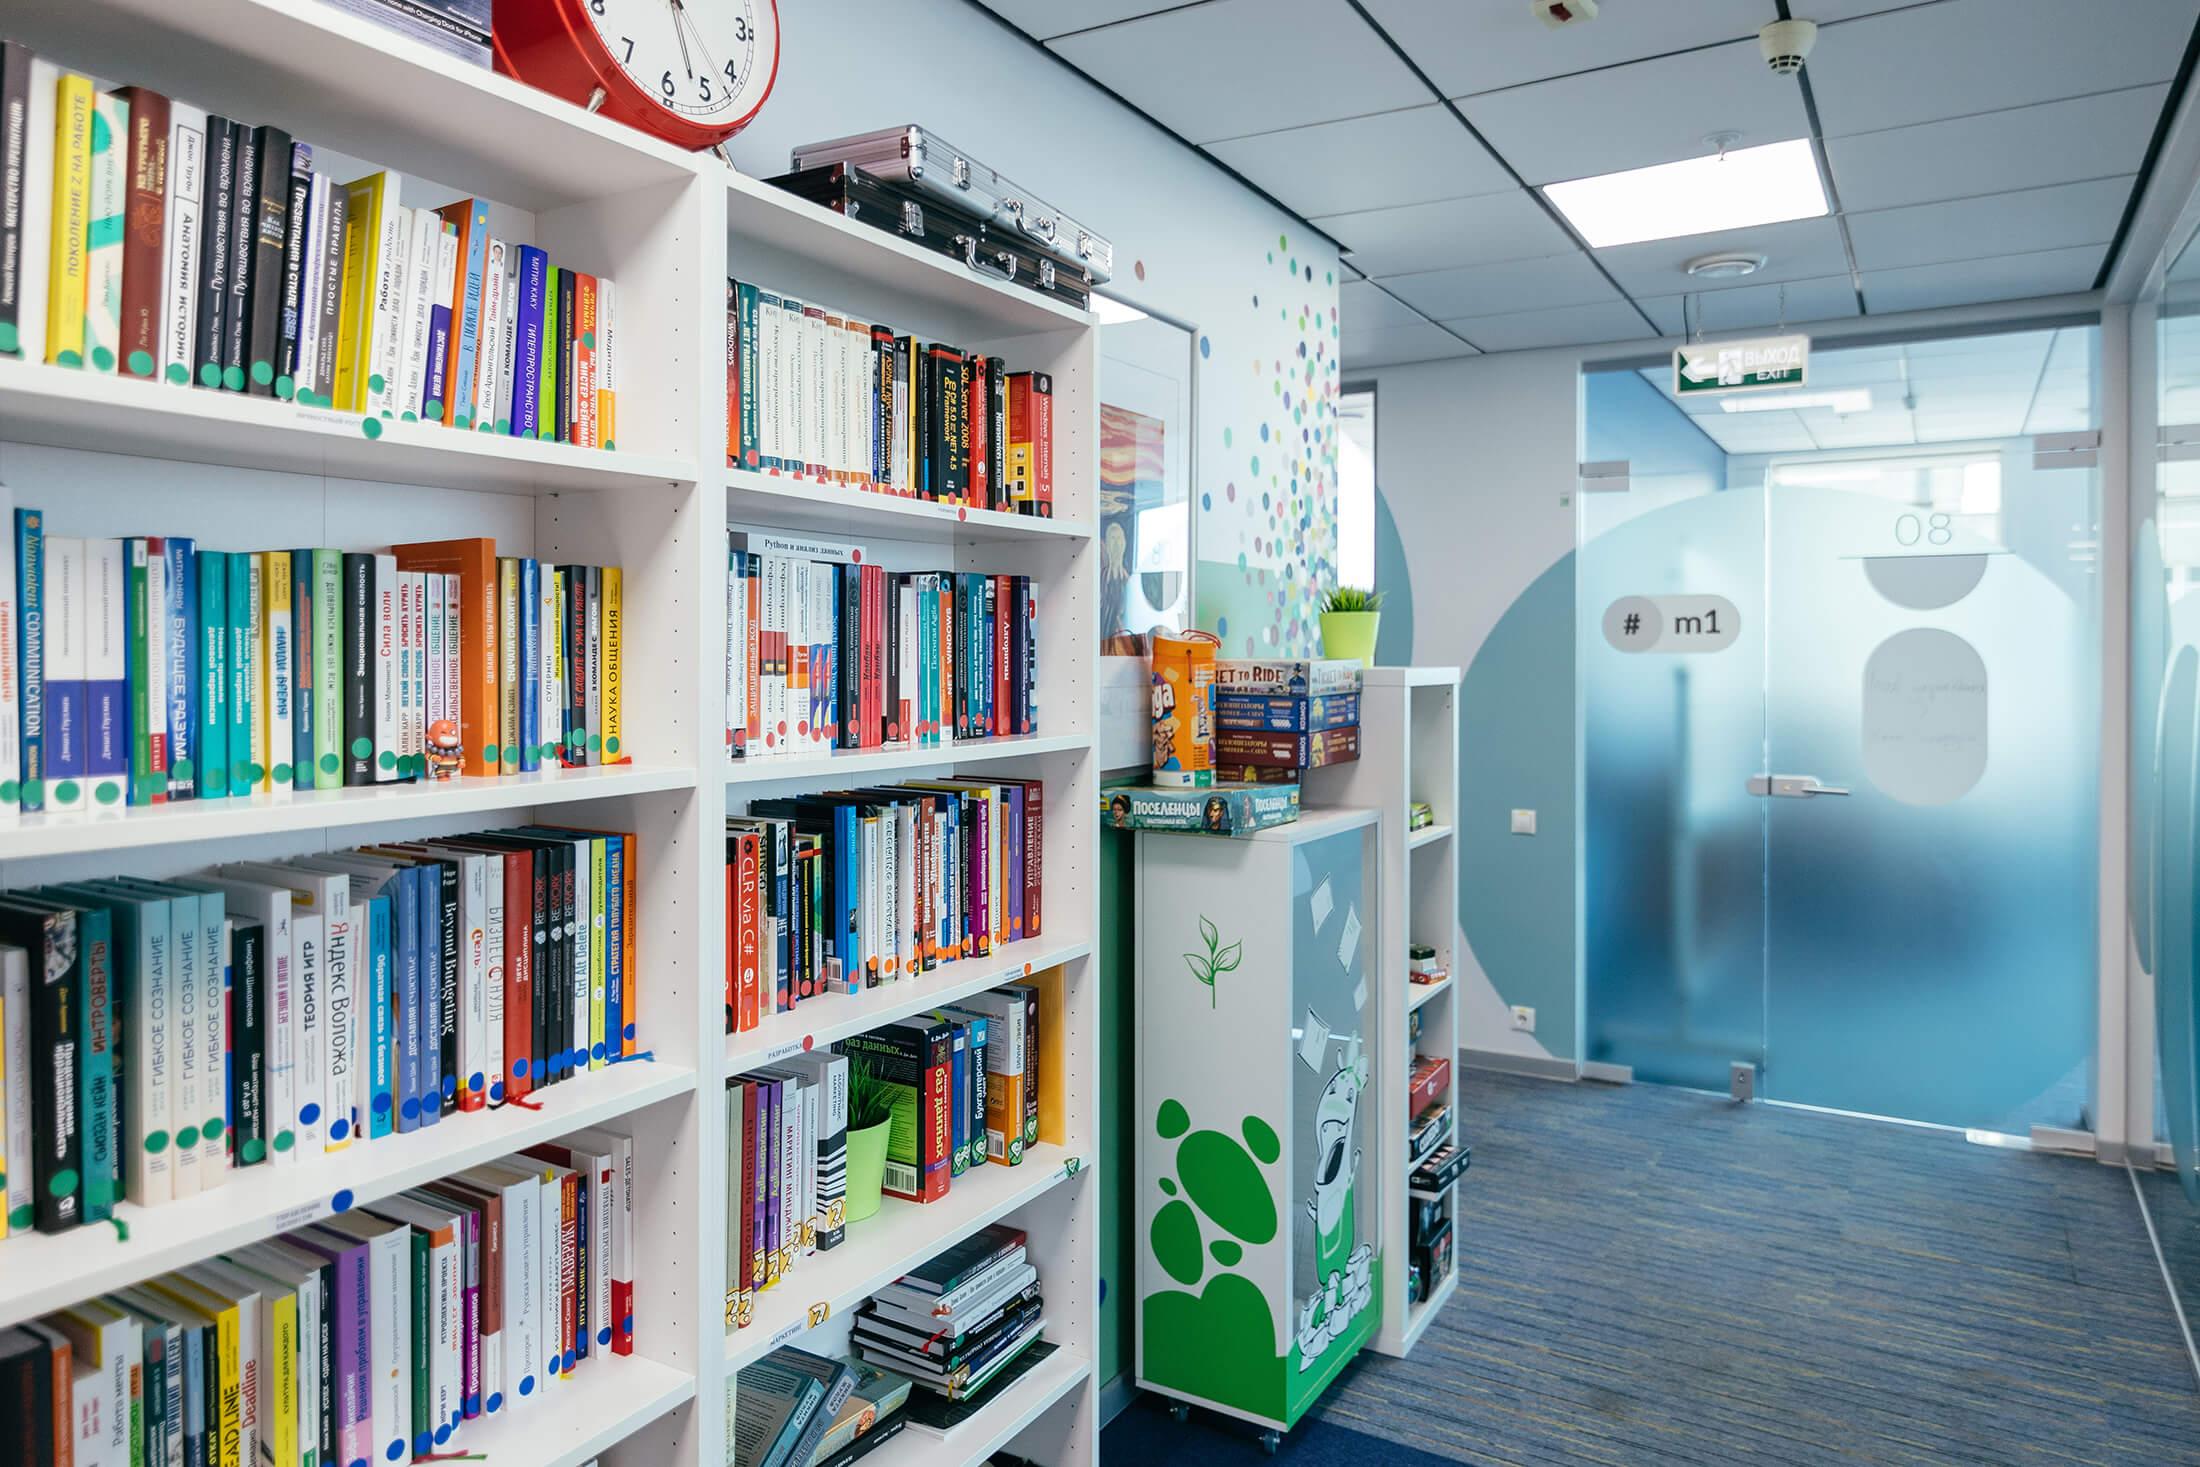 Офисная библиотека с книгами и настолками